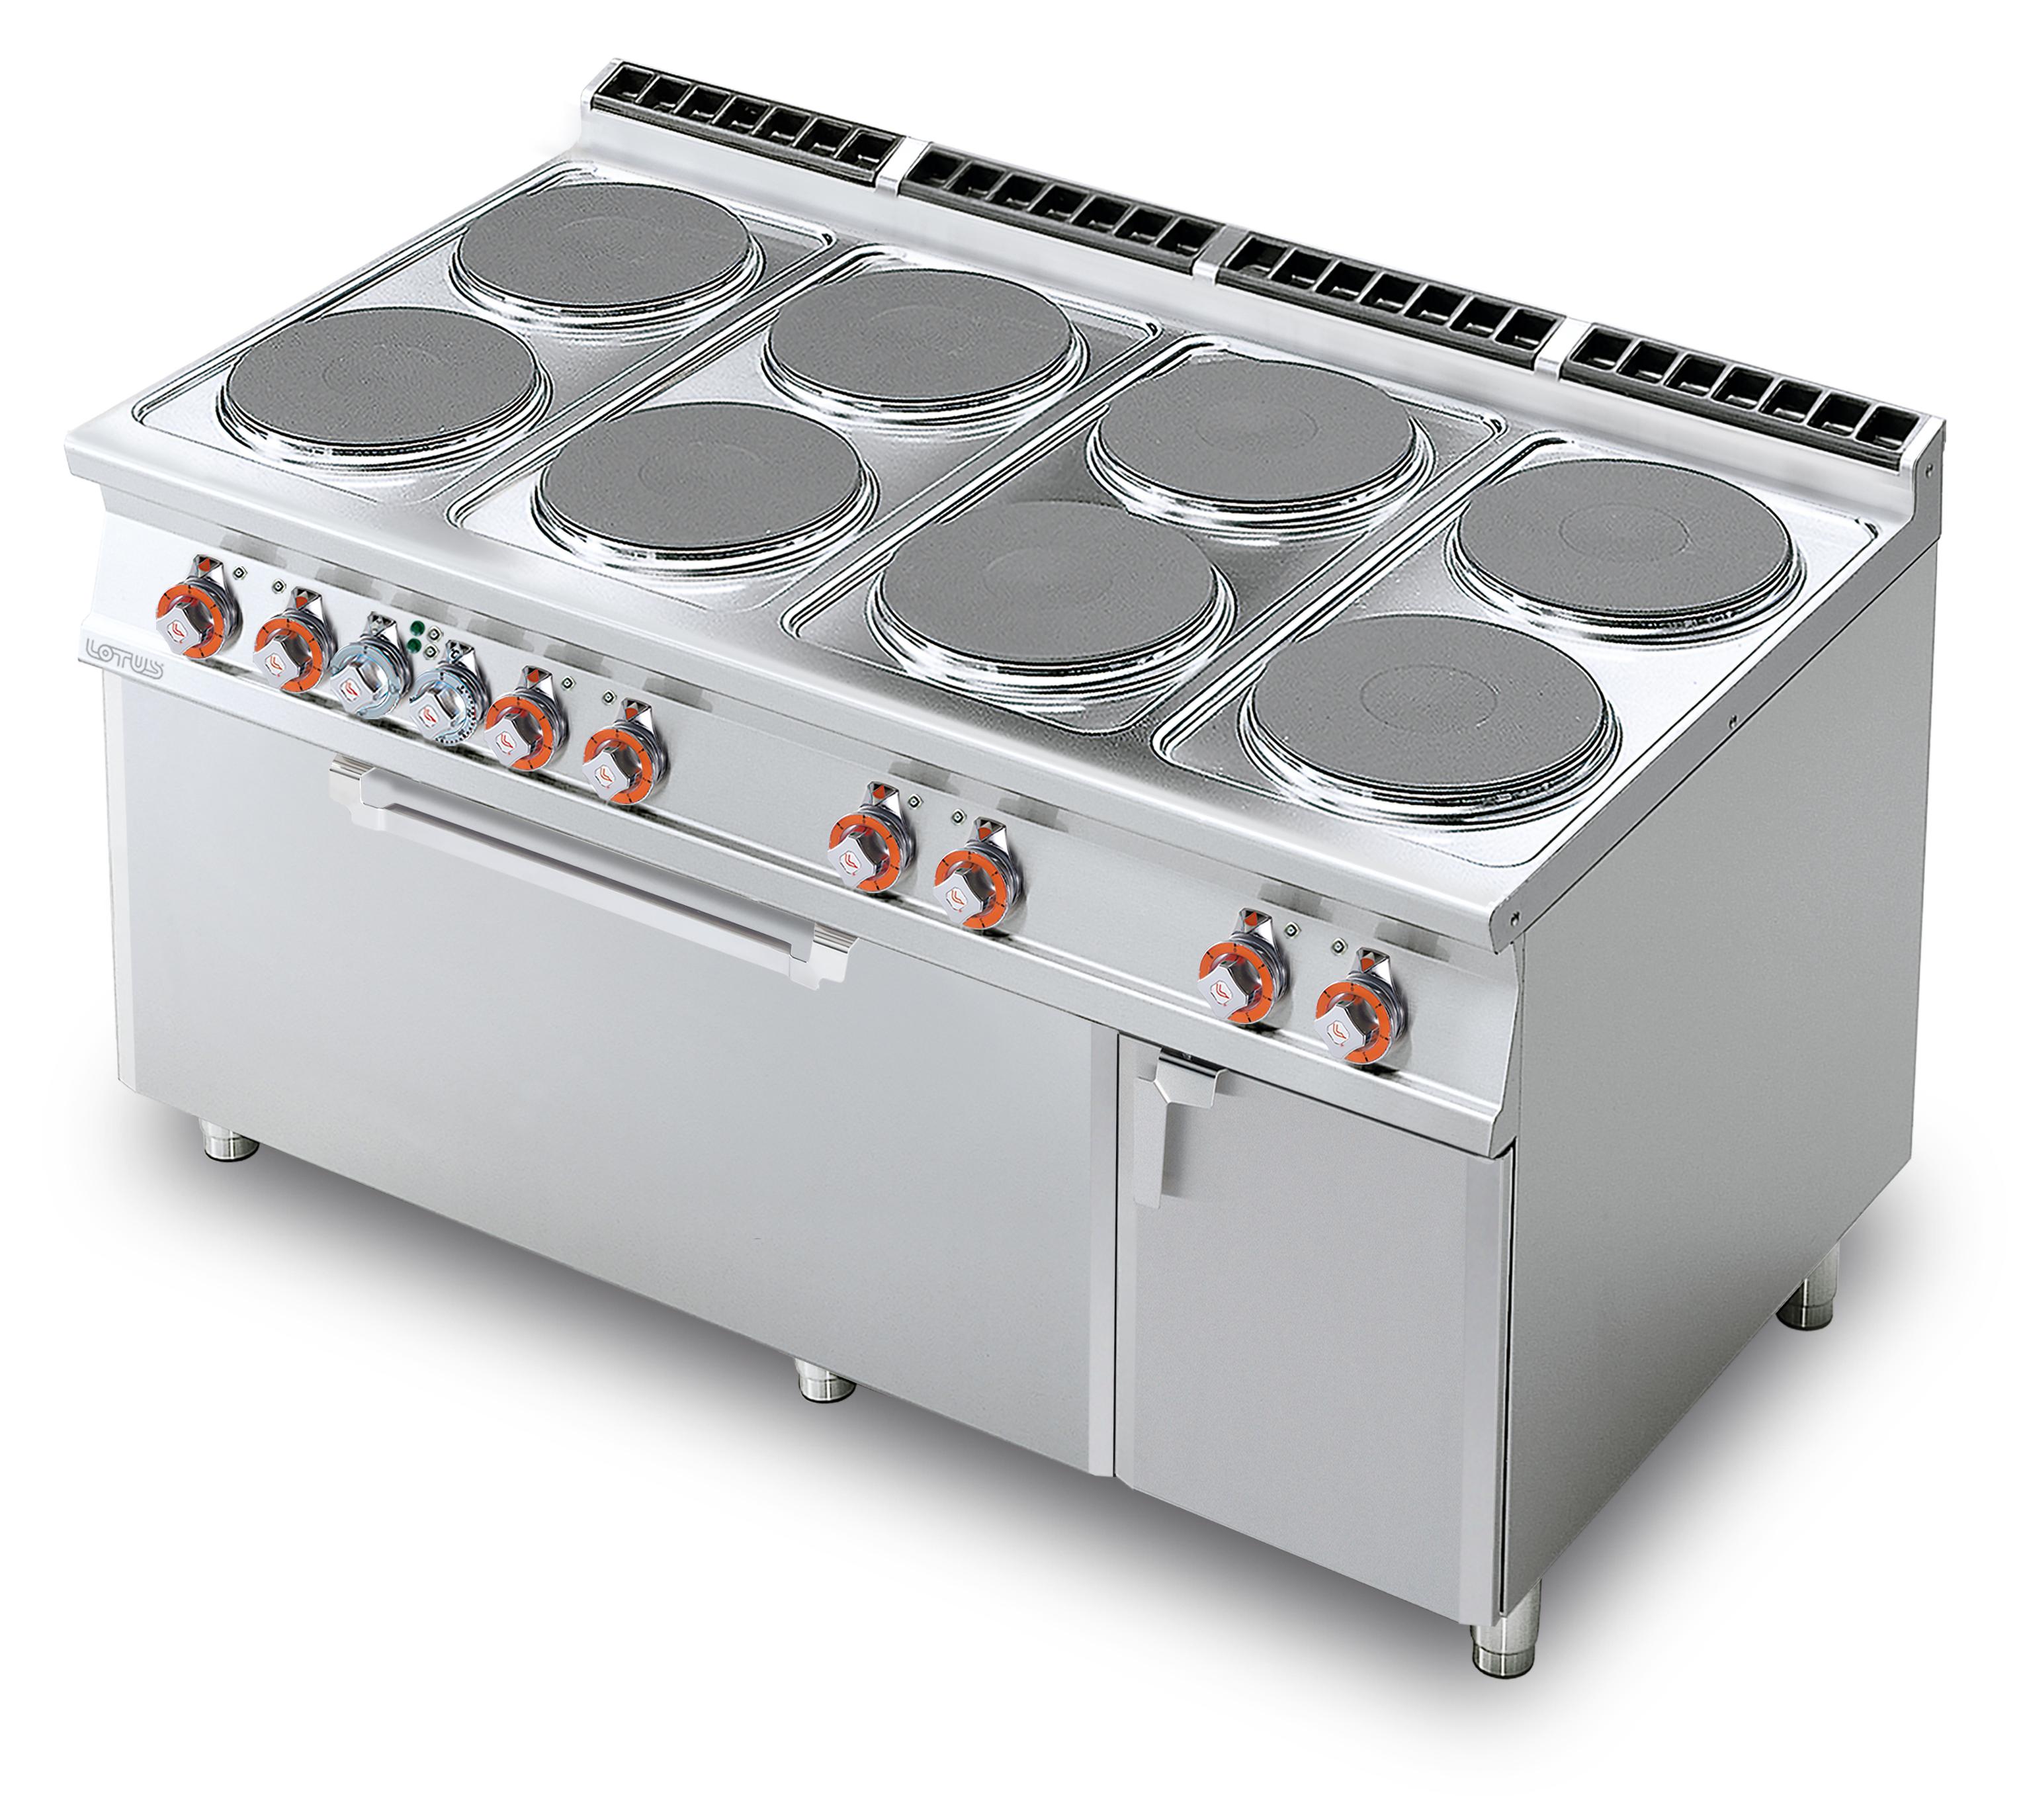 cucine a gas colore nero cucine in offerta a prezzi ...